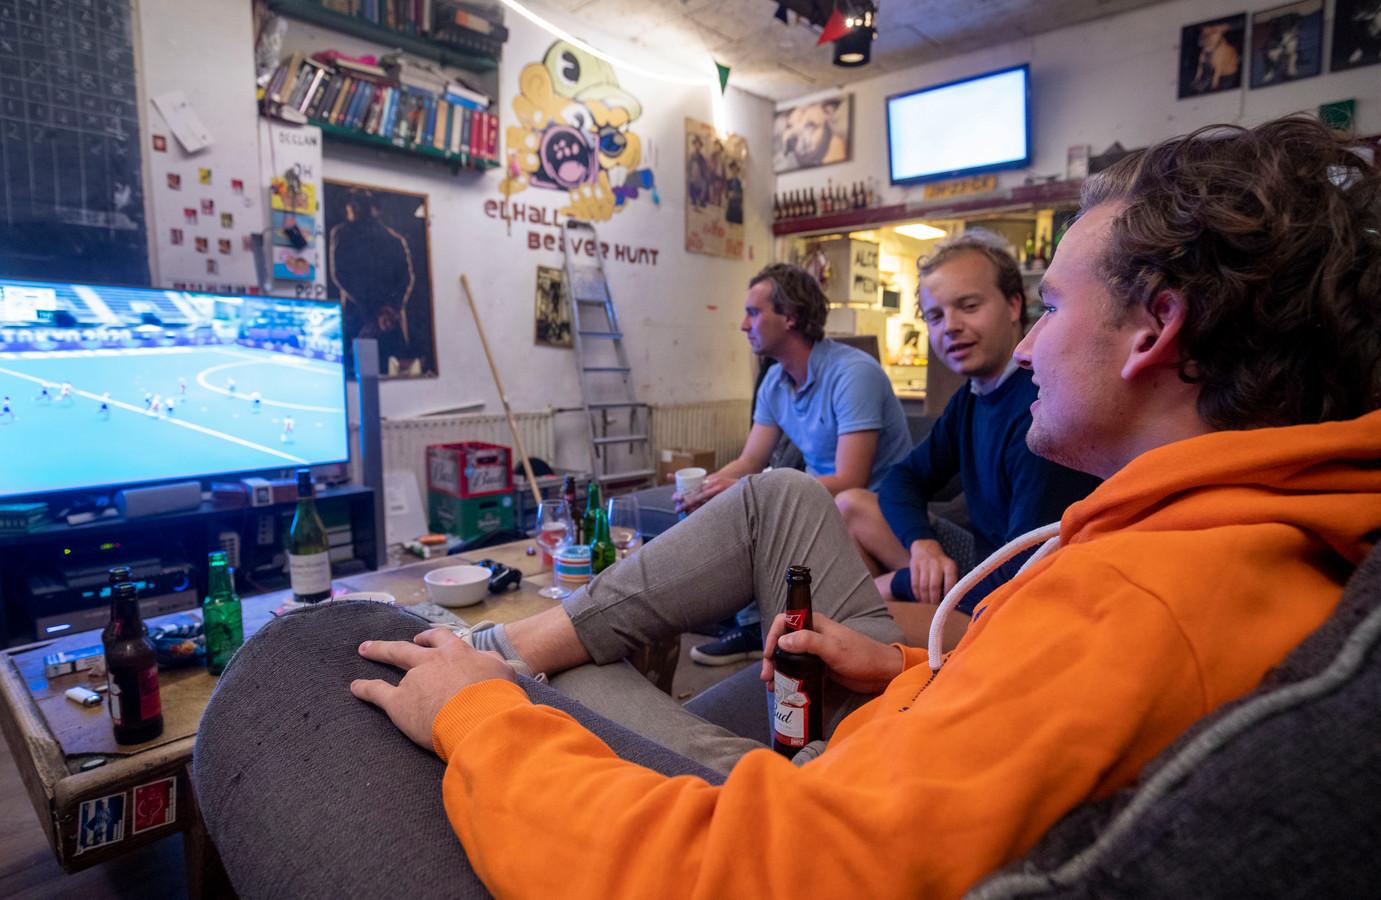 Maarten Matla (in oranje sweater) voor de buis in zijn studentenhuis Elhalla. Rechts van hem vrienden Jan Hein Bouwman (rechts), Sjoerd Hermsen (links)